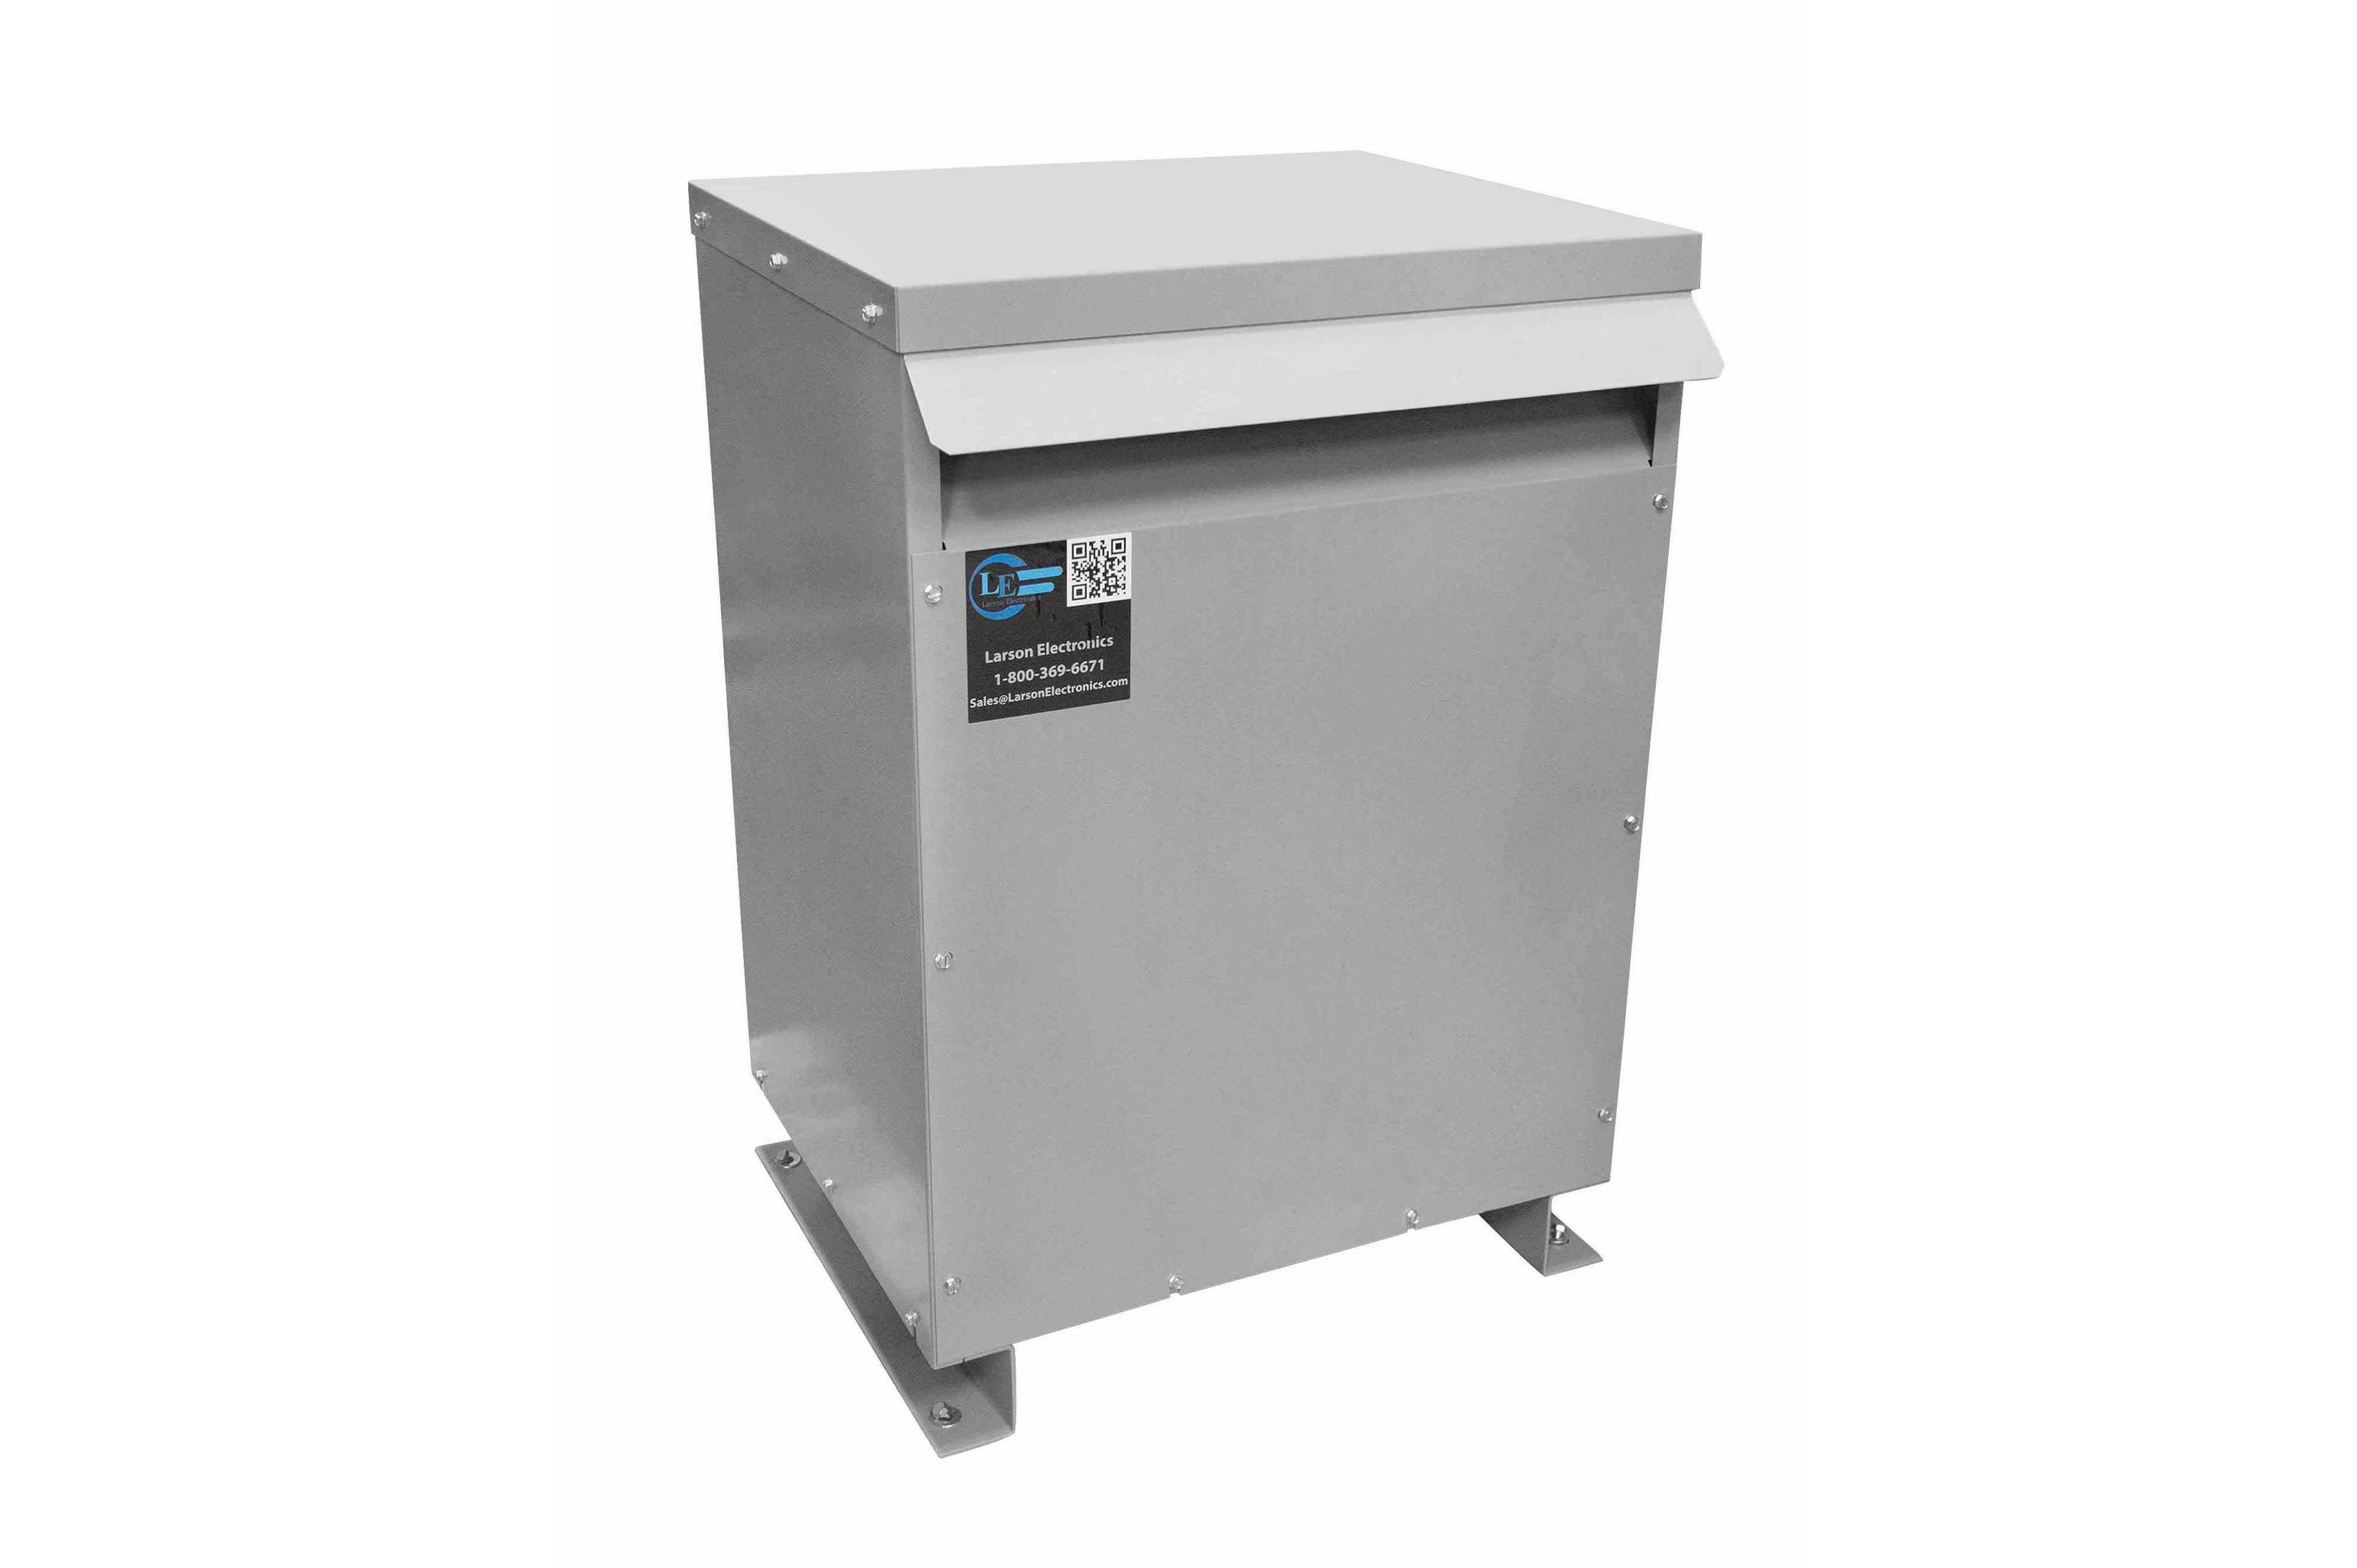 1000 kVA 3PH DOE Transformer, 208V Delta Primary, 240V/120 Delta Secondary, N3R, Ventilated, 60 Hz